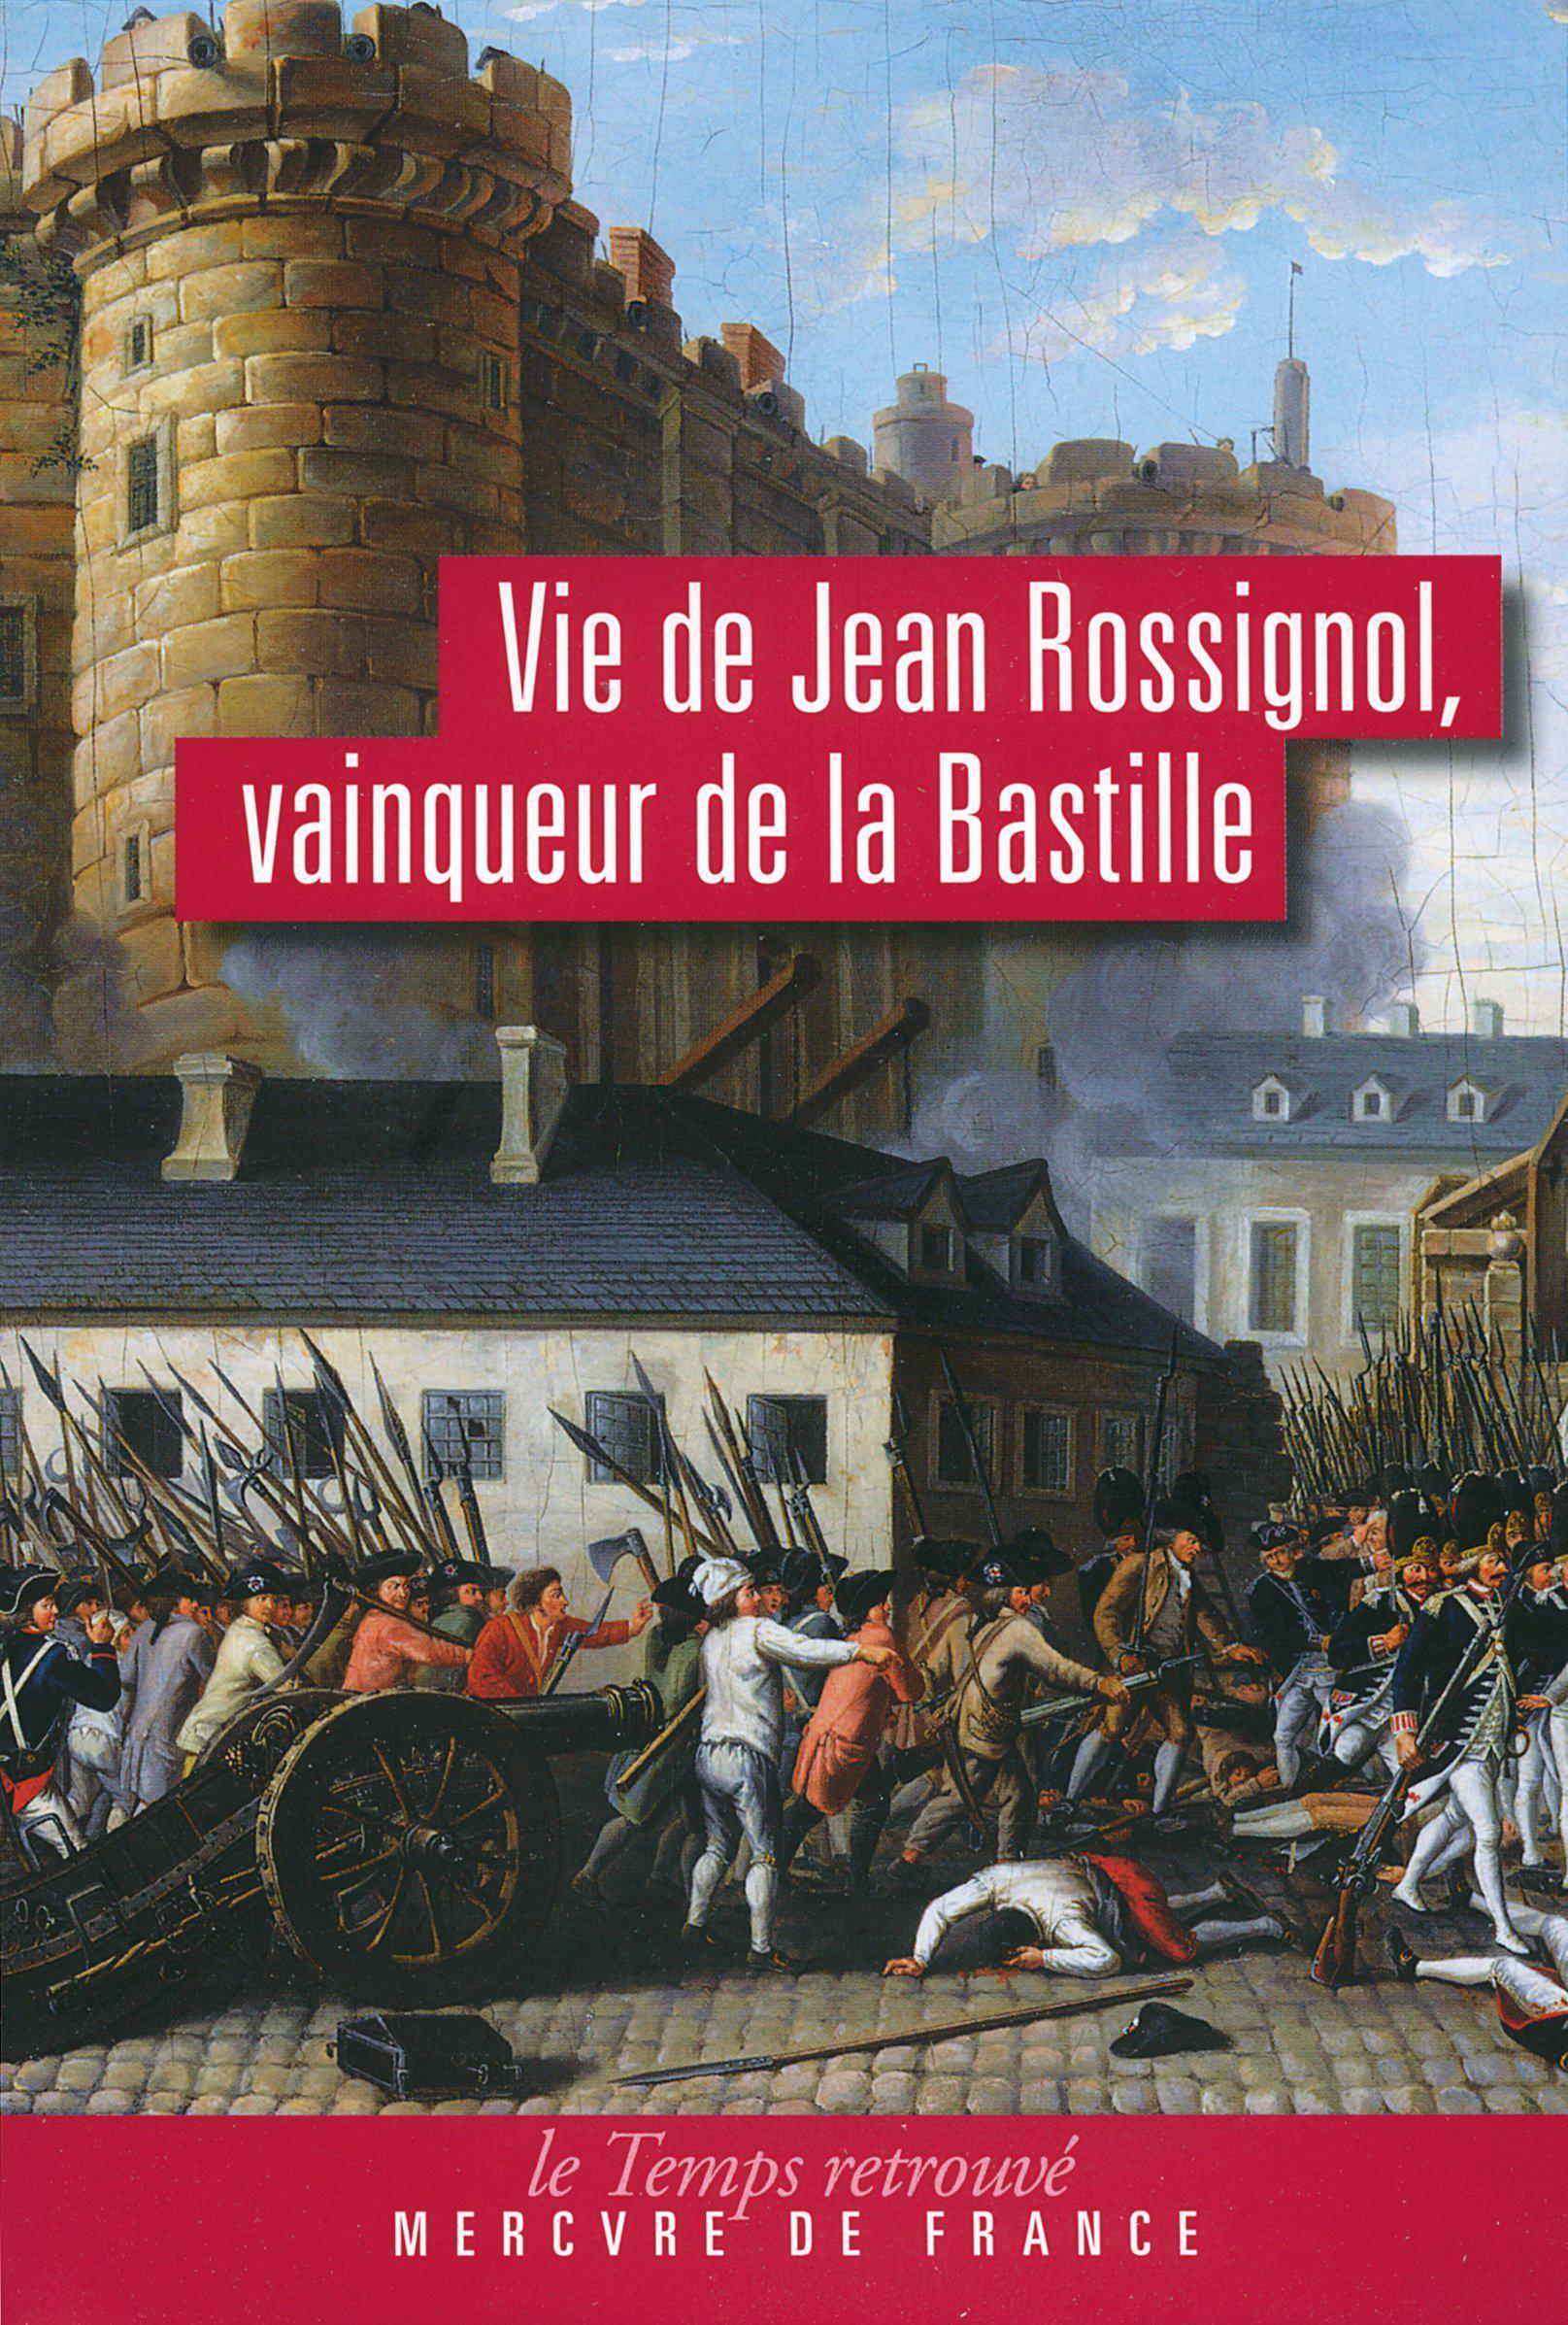 Vie de Jean Rossignol, vainqueur de la Bastille